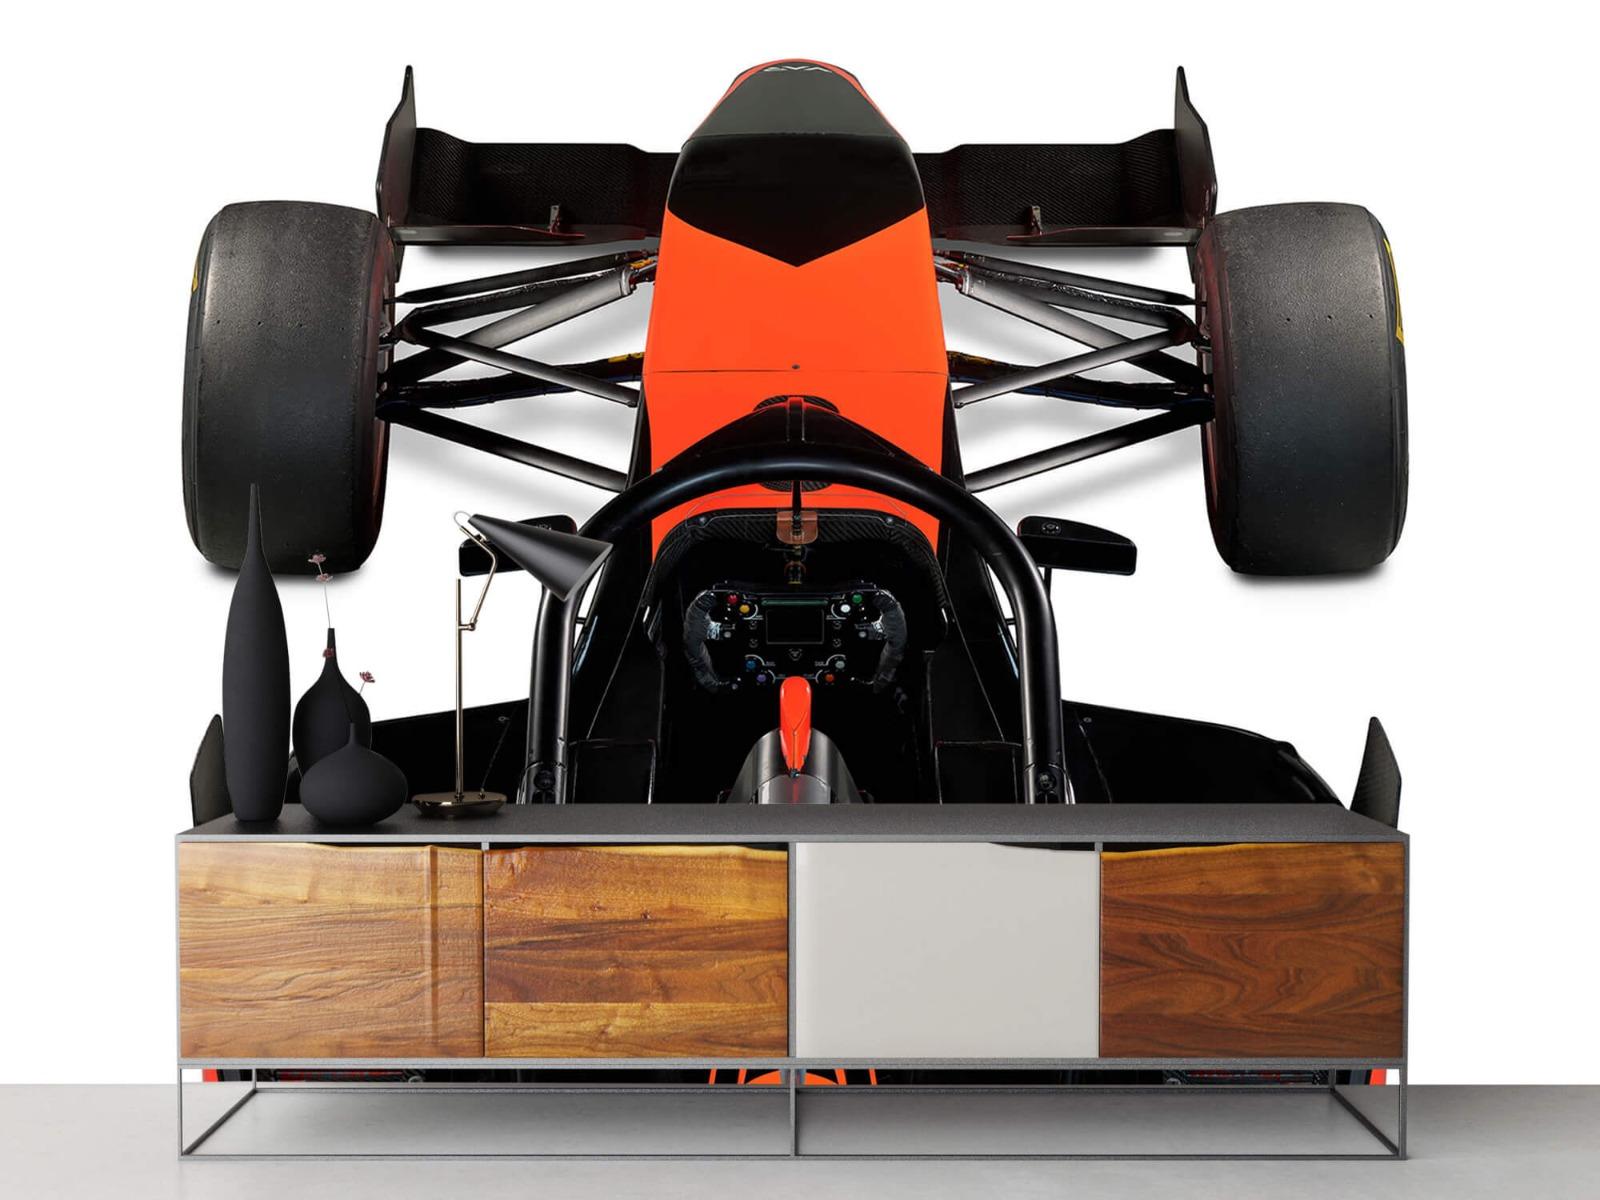 Sportauto's - Formule 3 - Cockpit view - Computerruimte 16